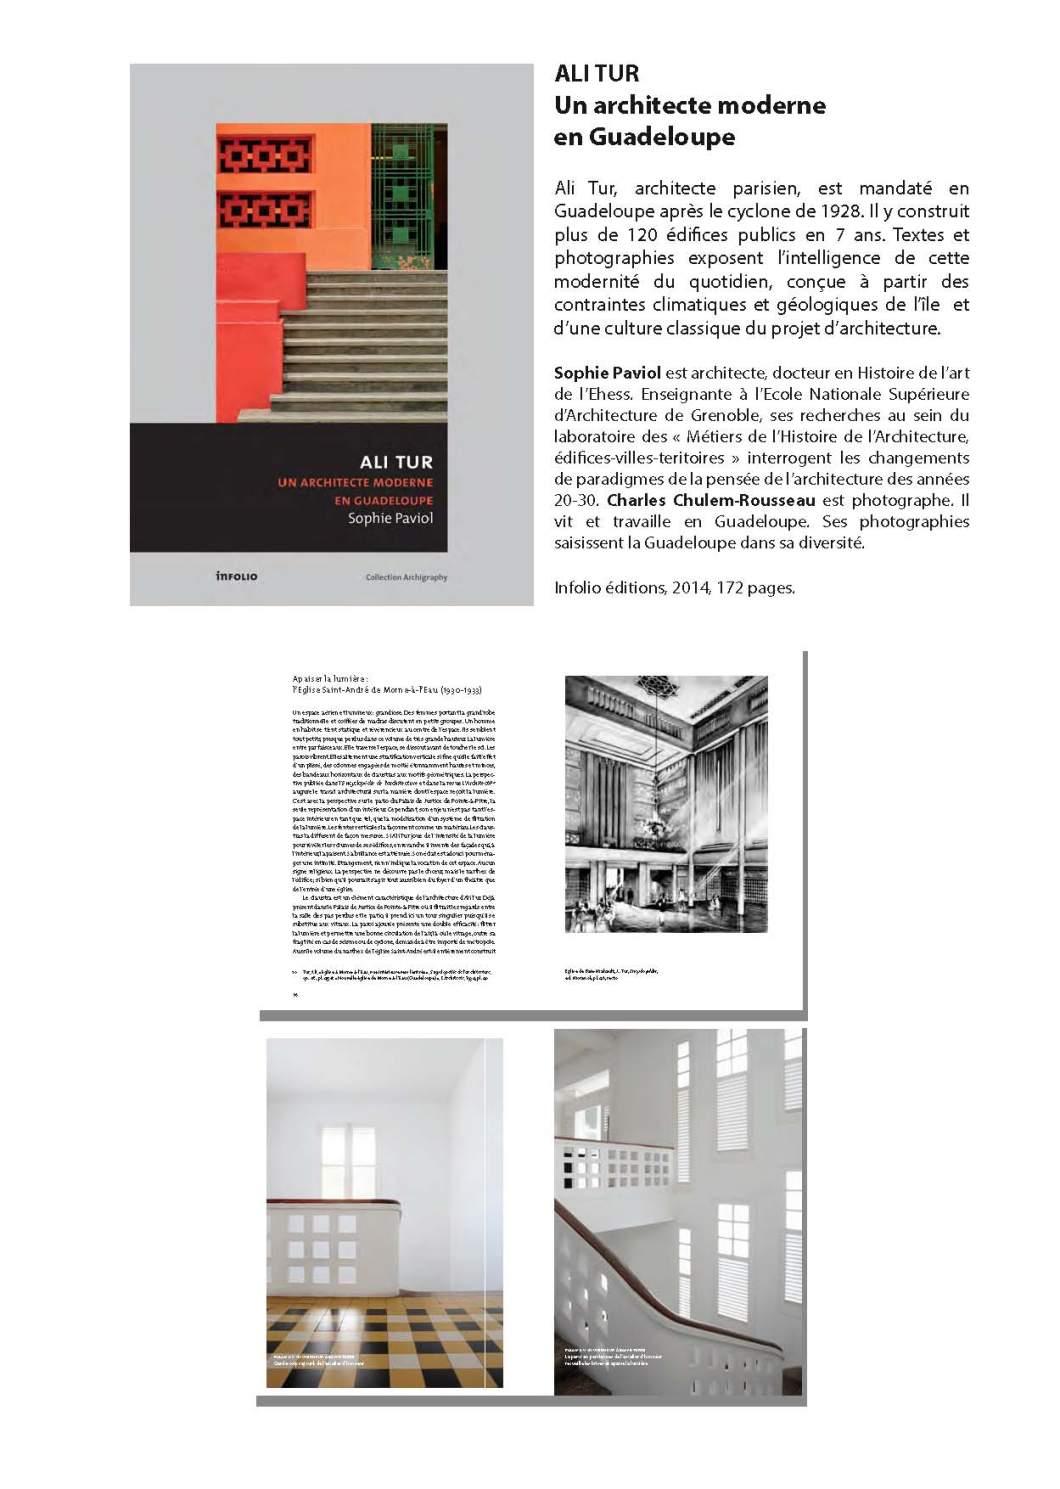 archilecture-ali-tur-un-architecte-moderne-en-guadeloupe-par-sophie-paviol-1